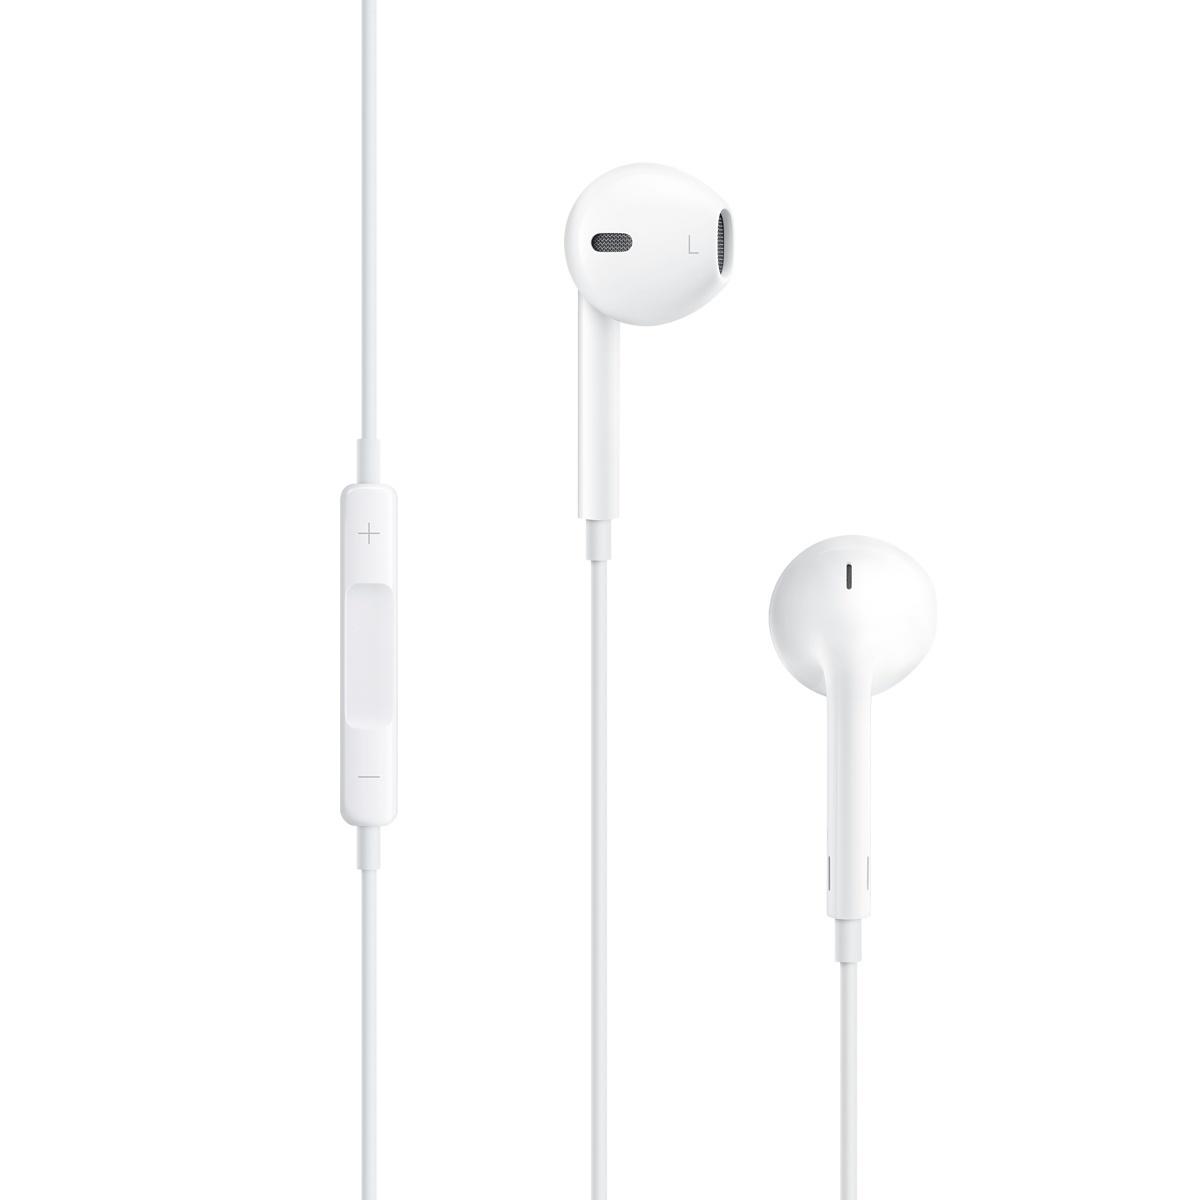 Foto de EarPods, los nuevos auriculares de Apple (5/5)